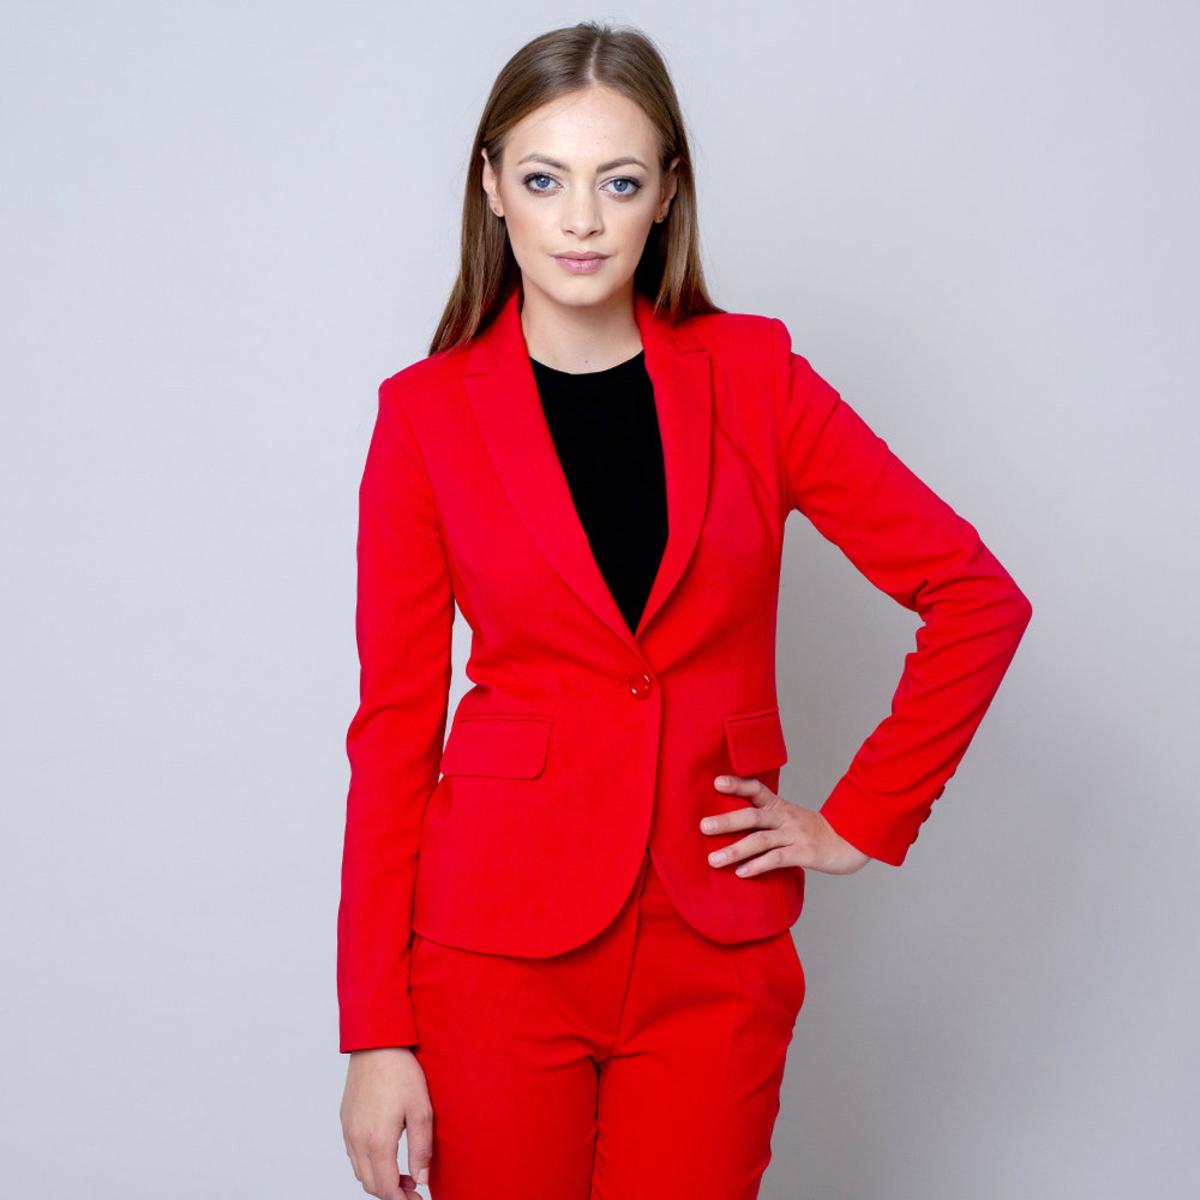 Dámske sako červenej farby 10952 38